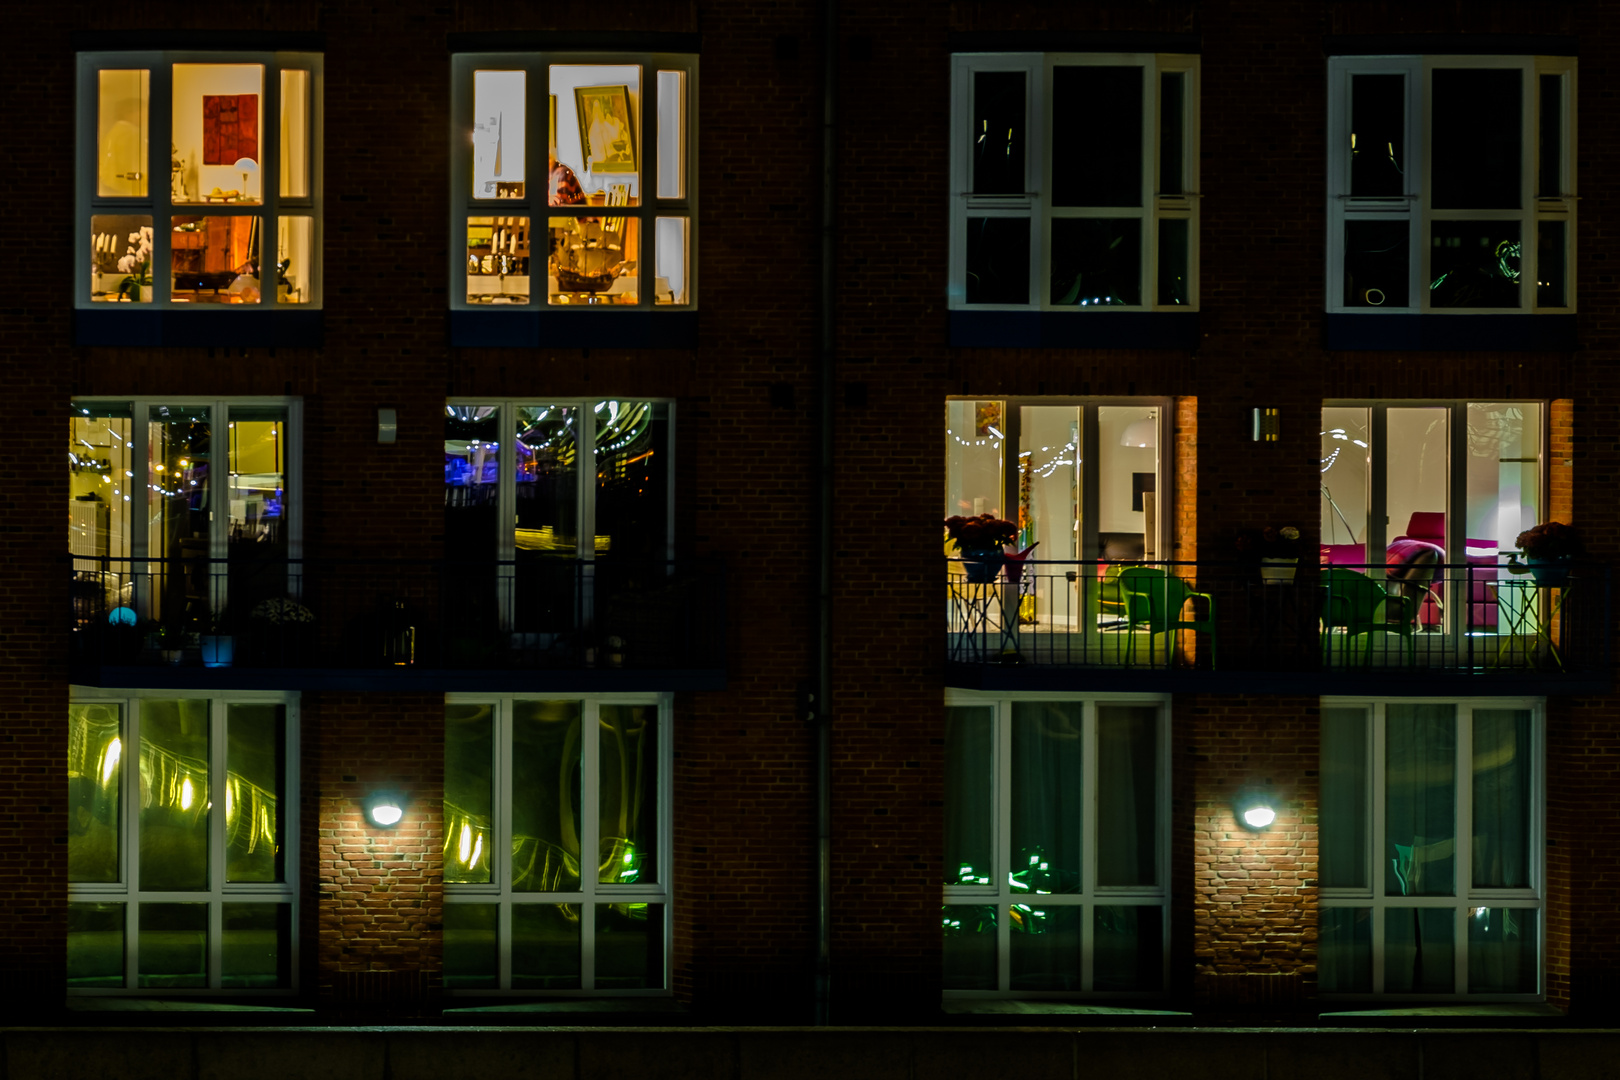 Full Size of Fenster Bremen Foto Bild Deutschland Drutex Test Rostock Sichern Gegen Einbruch Folie Für Fliegengitter Rolladen Rollos Ohne Bohren Insektenschutzgitter Fenster Fenster Bremen